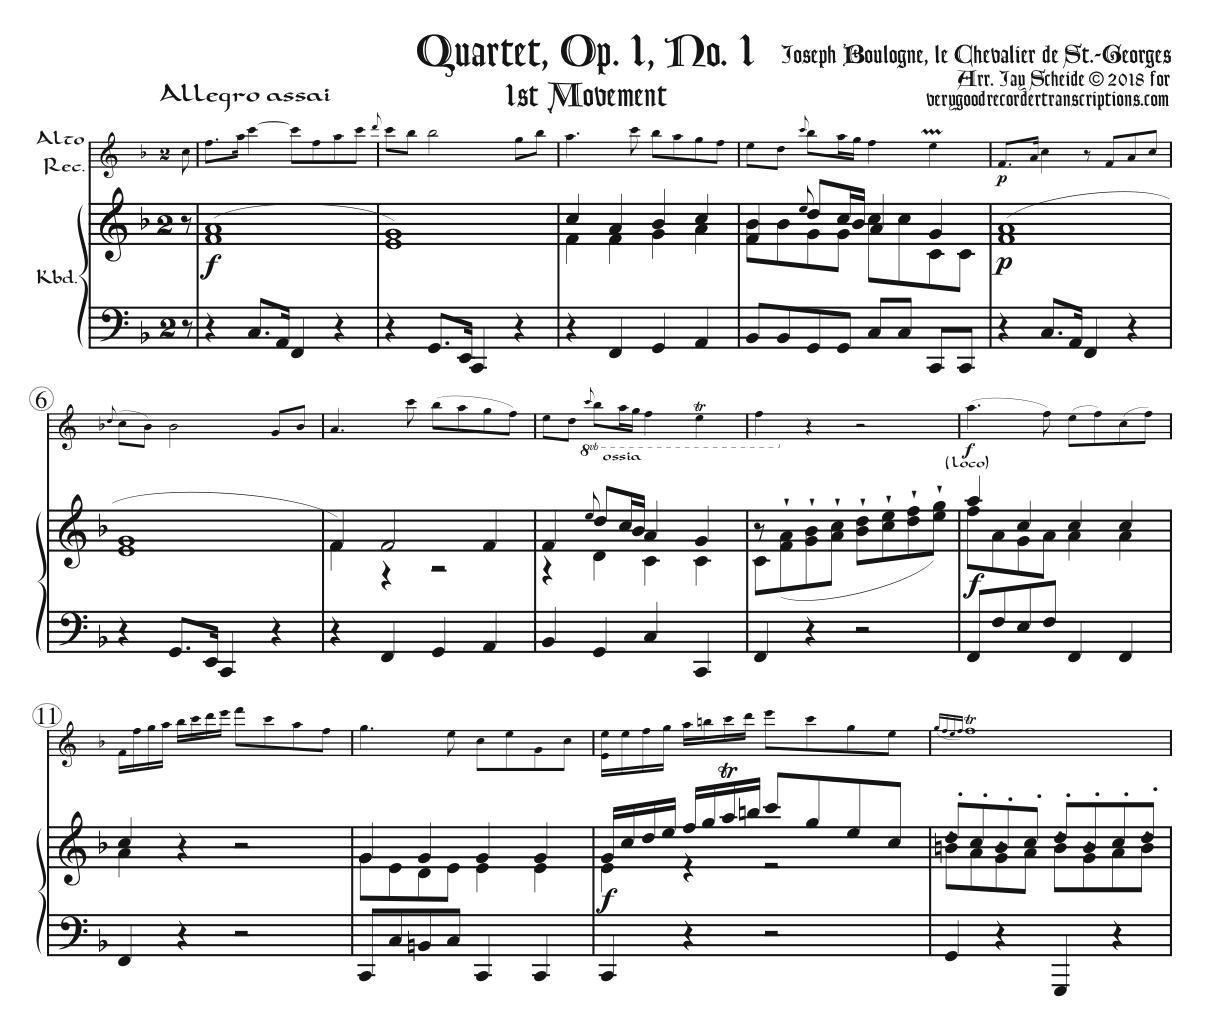 Quartet, Op. 1, No. 1, arr. for Alto doubling Tenor or Soprano